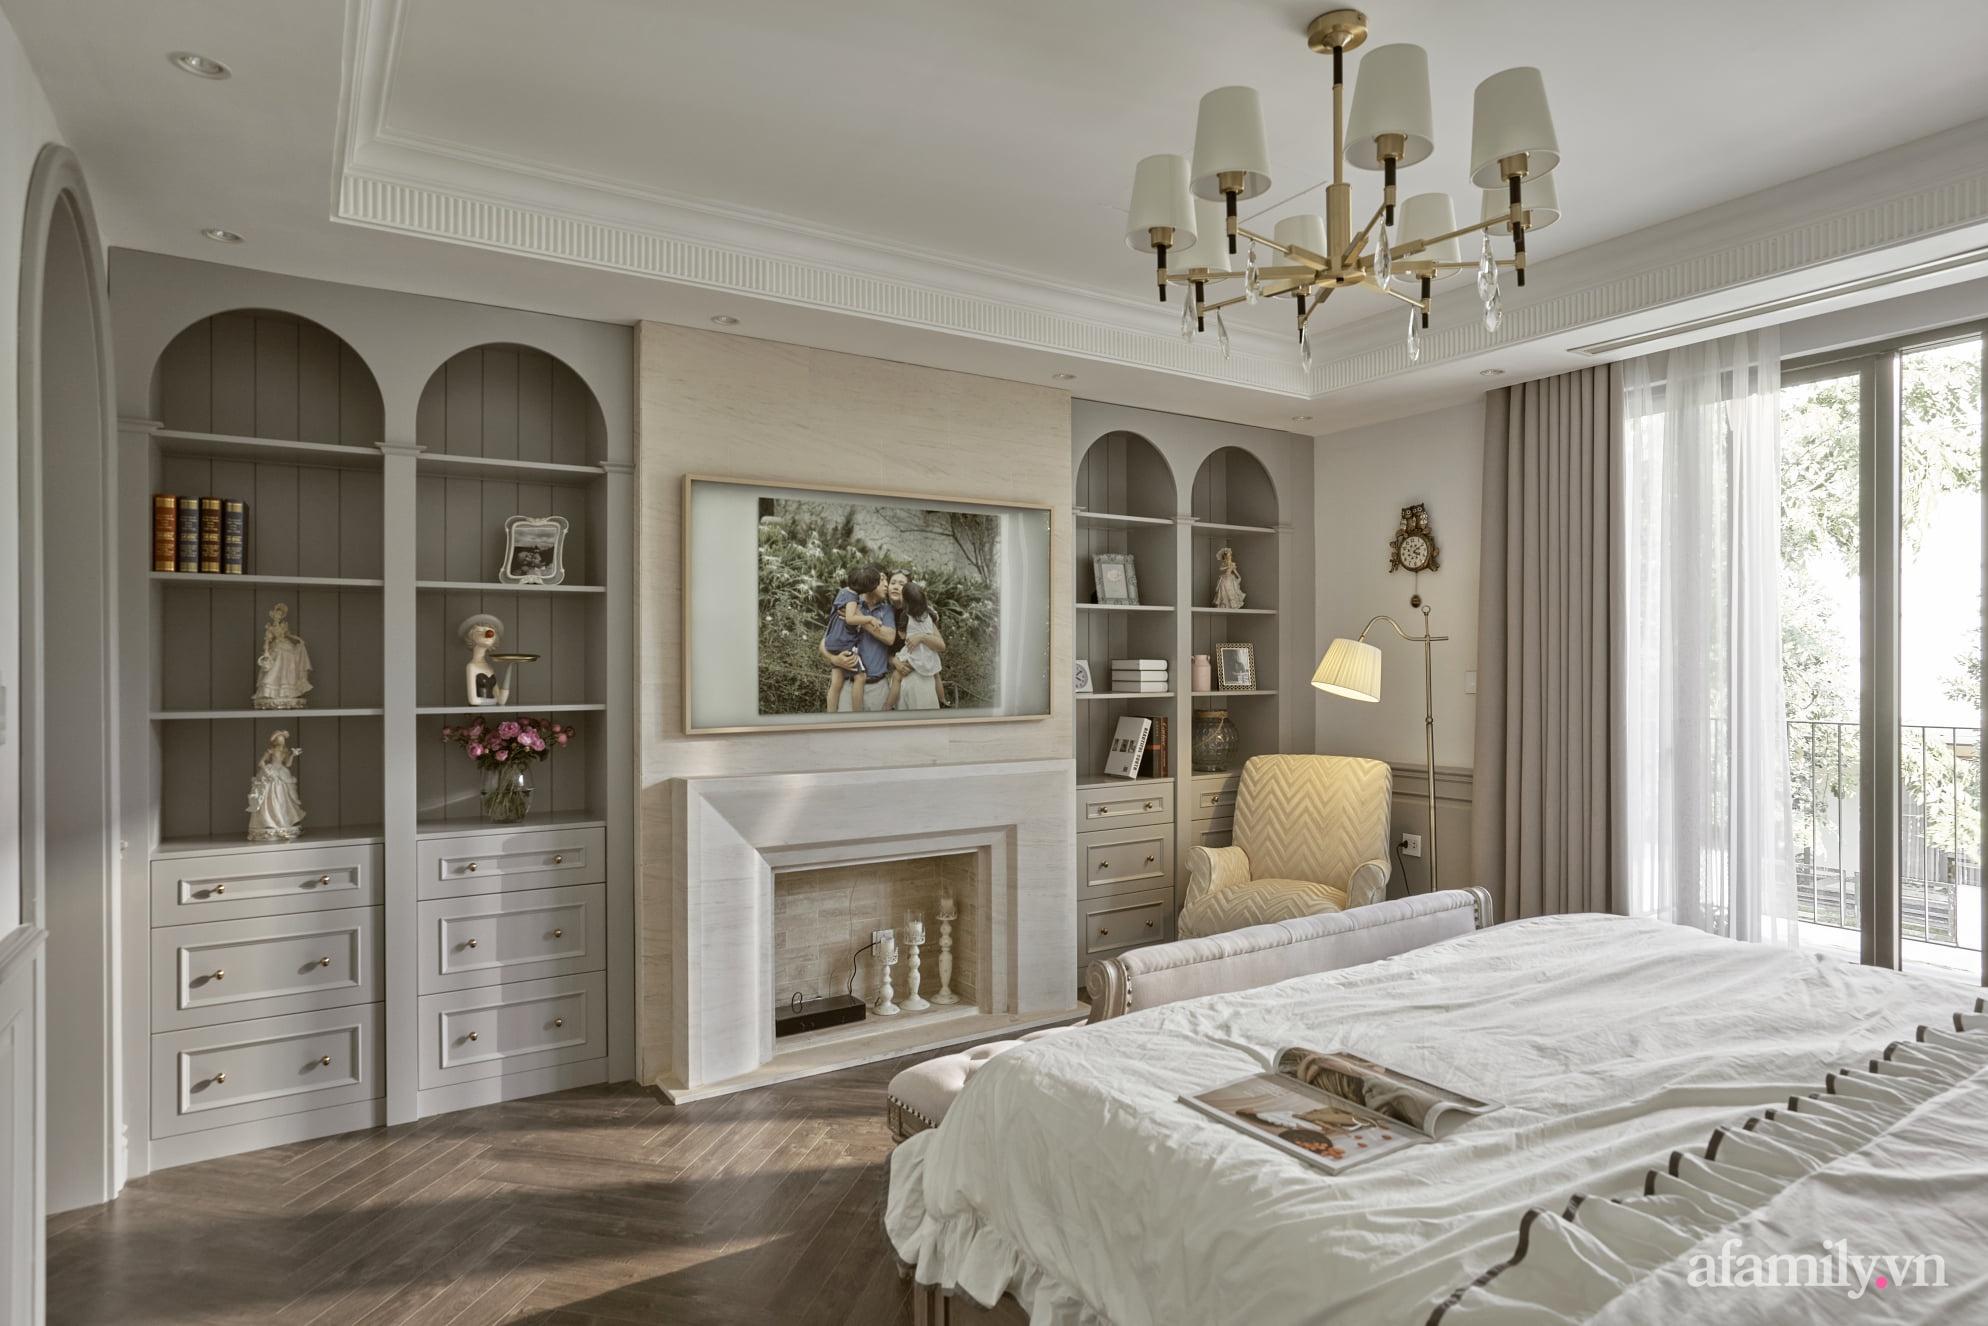 Nhà phố 3 tầng đẹp sang trọng với nội thất cực chất theo phong cách Traditional ở Hà Nội - Ảnh 18.